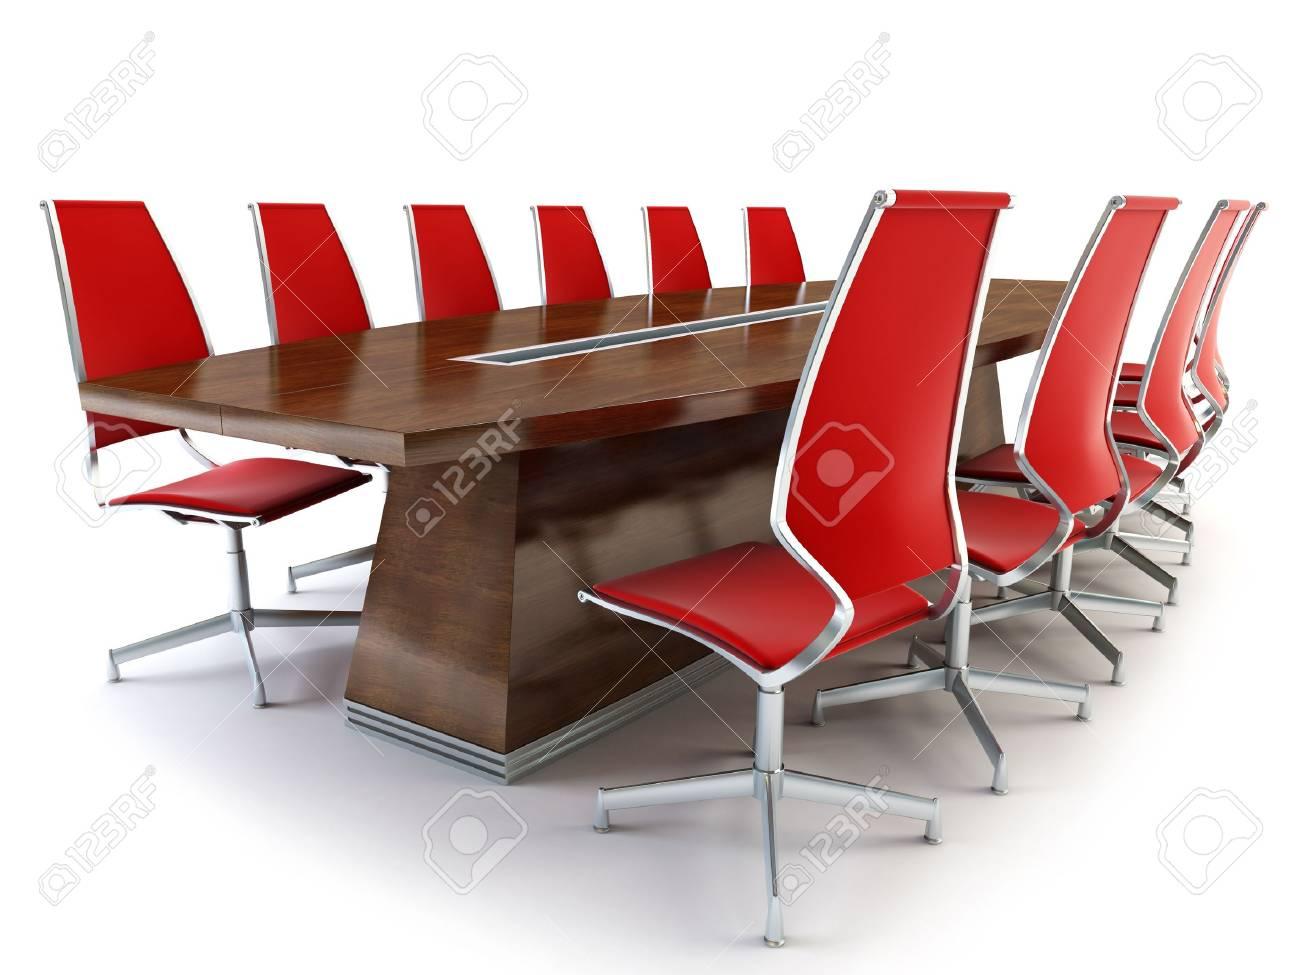 Immagini stock sala riunioni con tavolo e sedie d rendering su